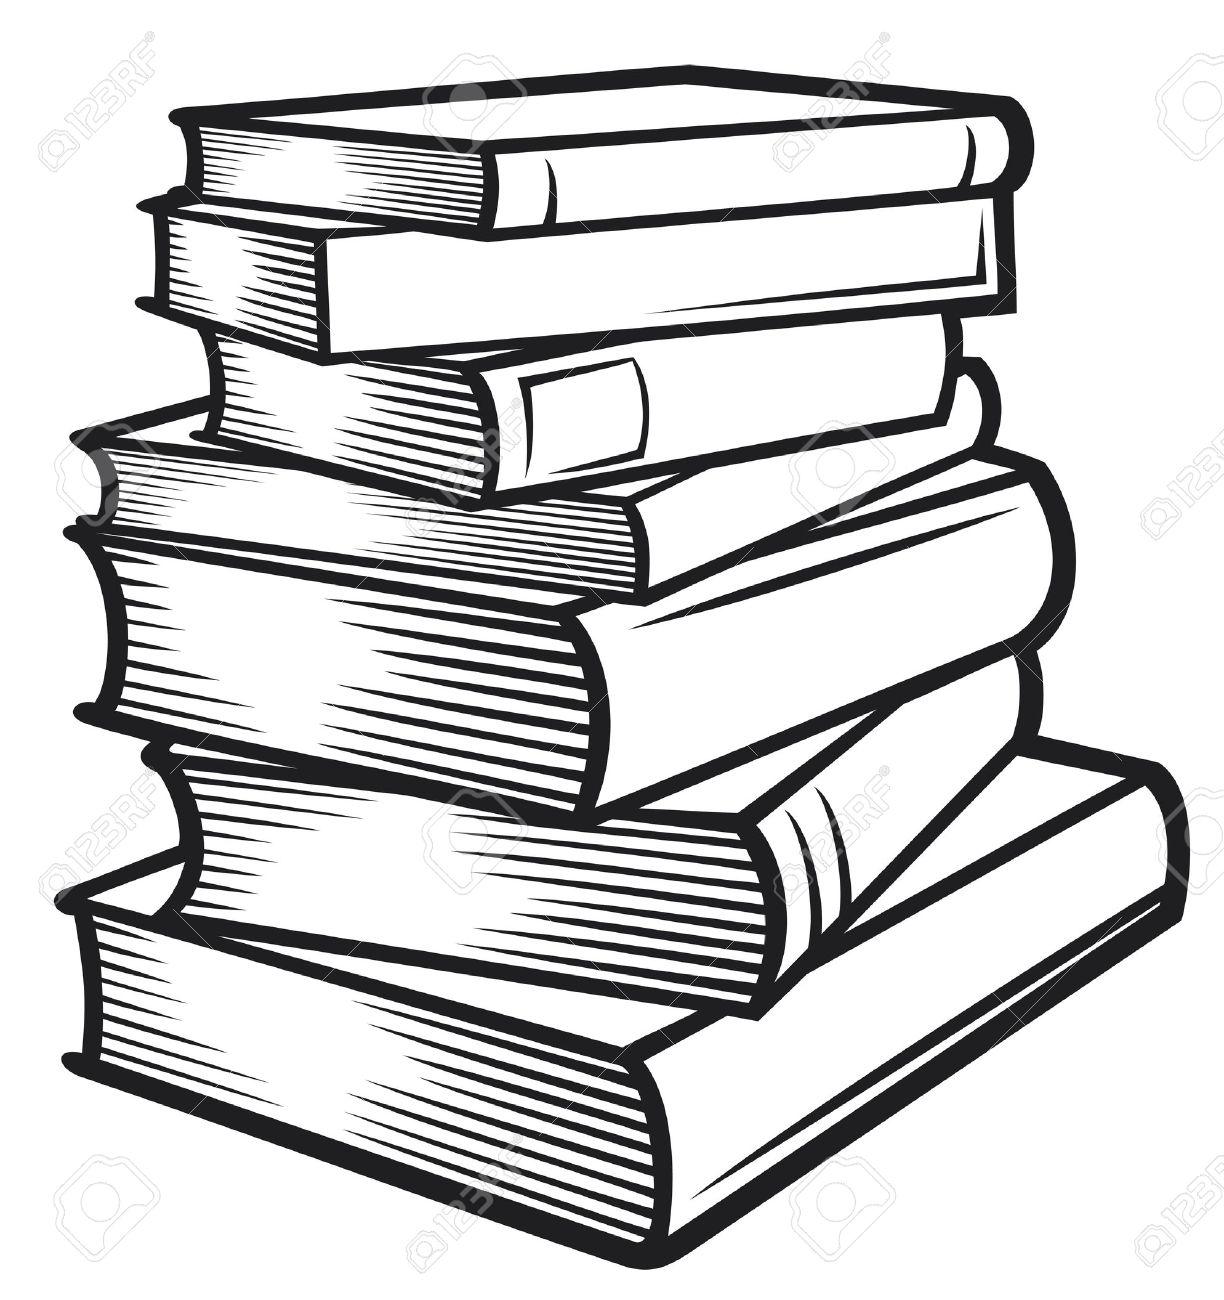 Bücherstapel gezeichnet  Bücherstapel Gezeichnet | ambiznes.com